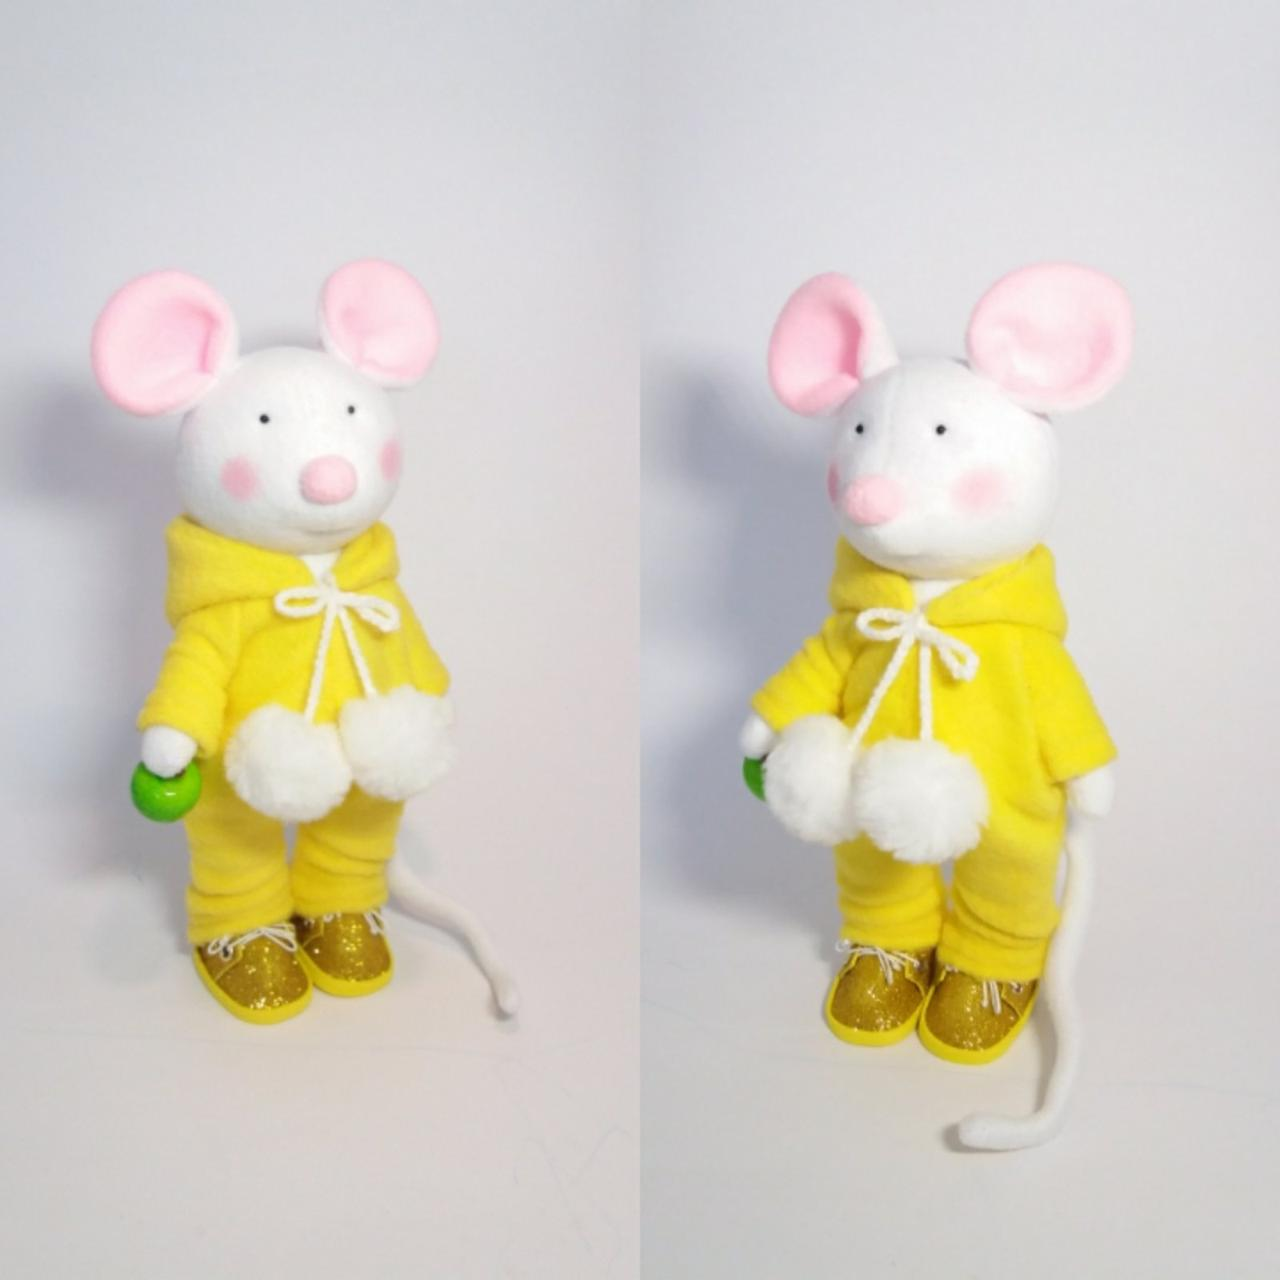 Текстильна лялька-мишка.